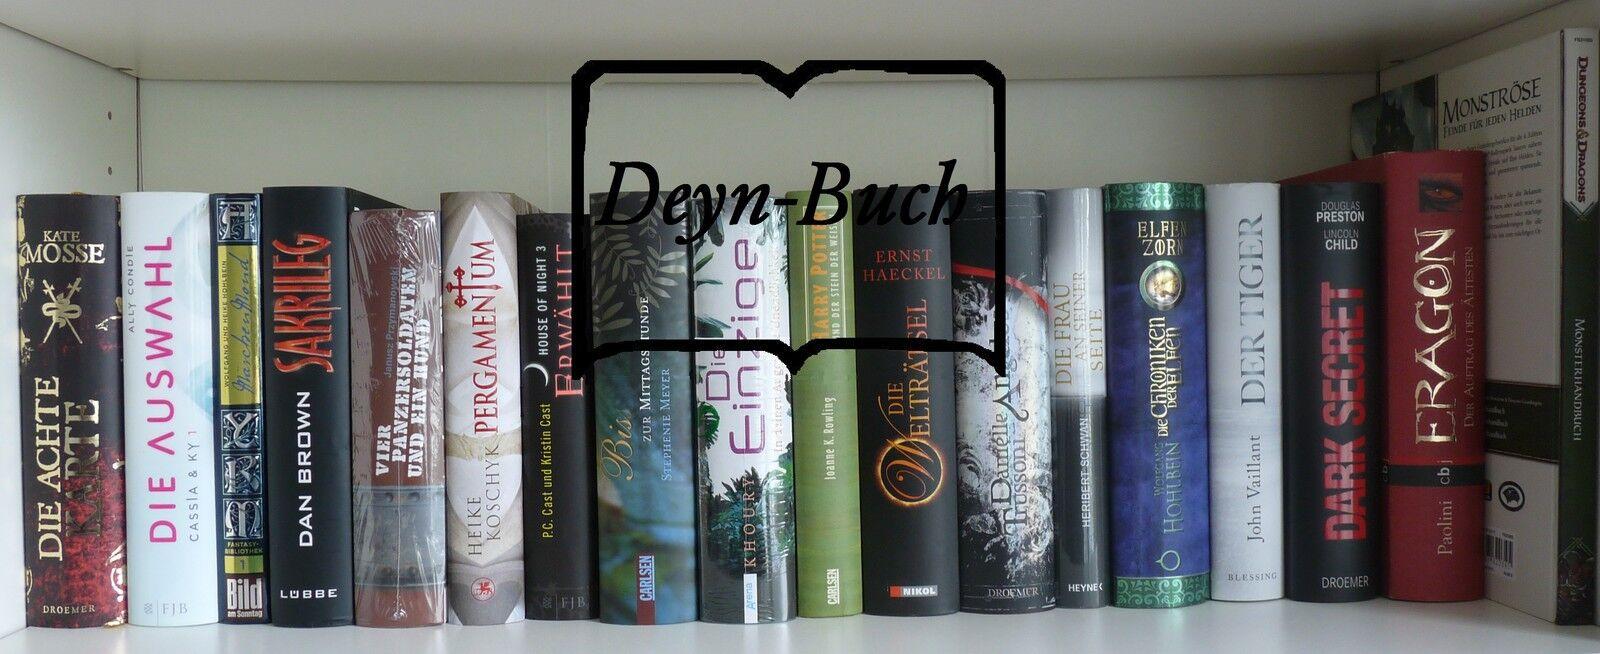 Deyn-Buch